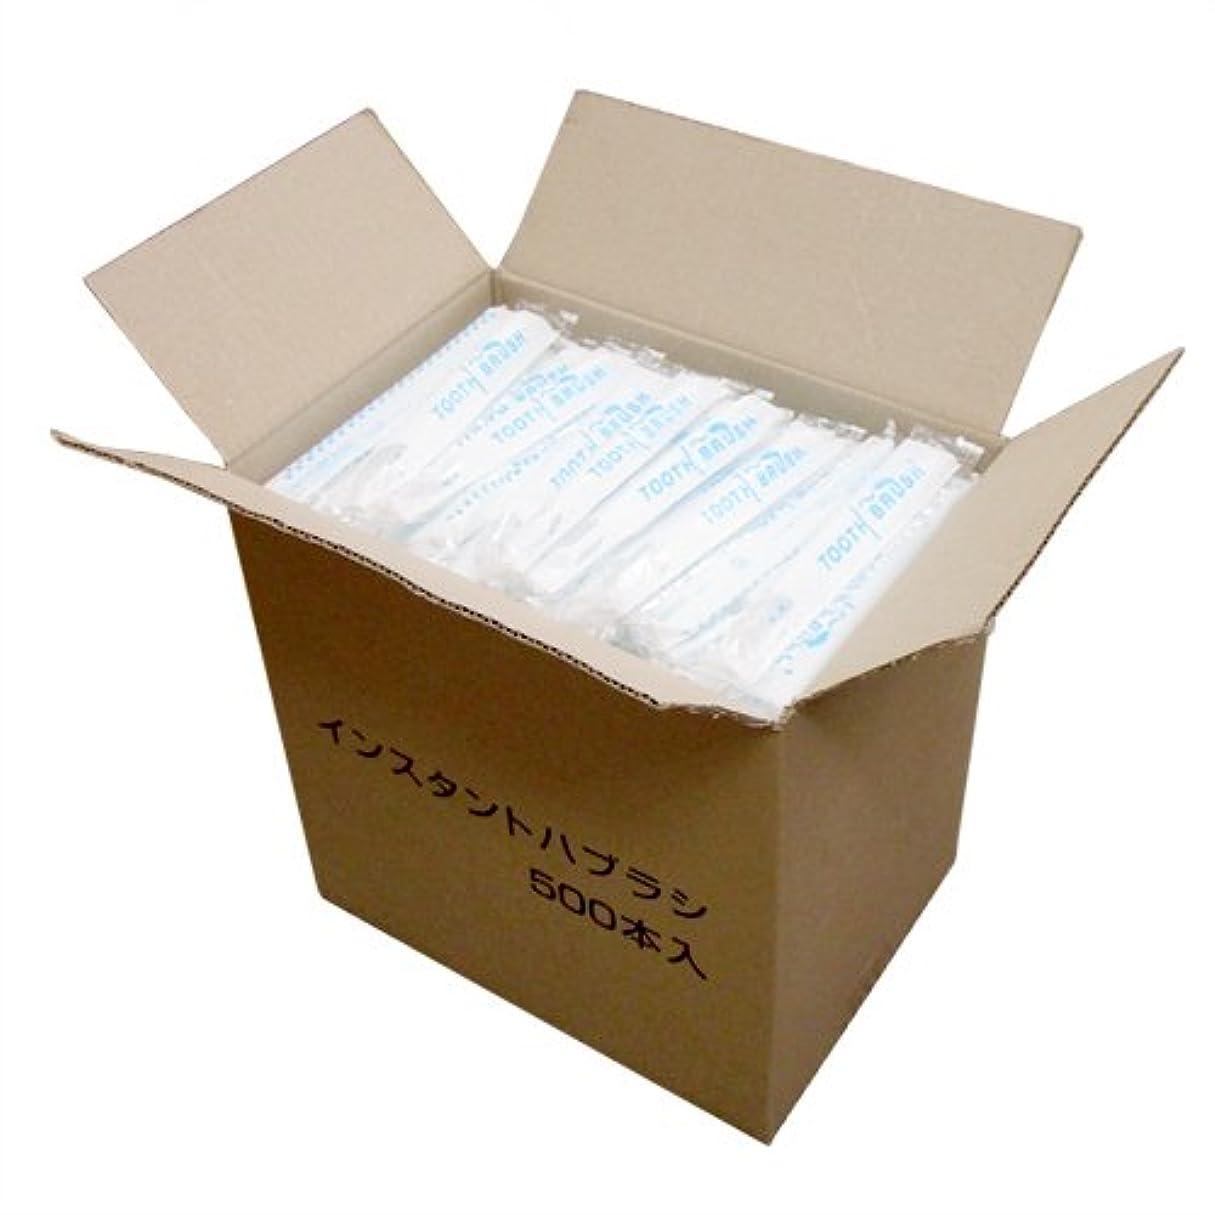 構造的運命的なトロピカル業務用 日本製 使い捨て粉付き歯ブラシ 個包装タイプ 500本入×1箱│ホテルアメニティ